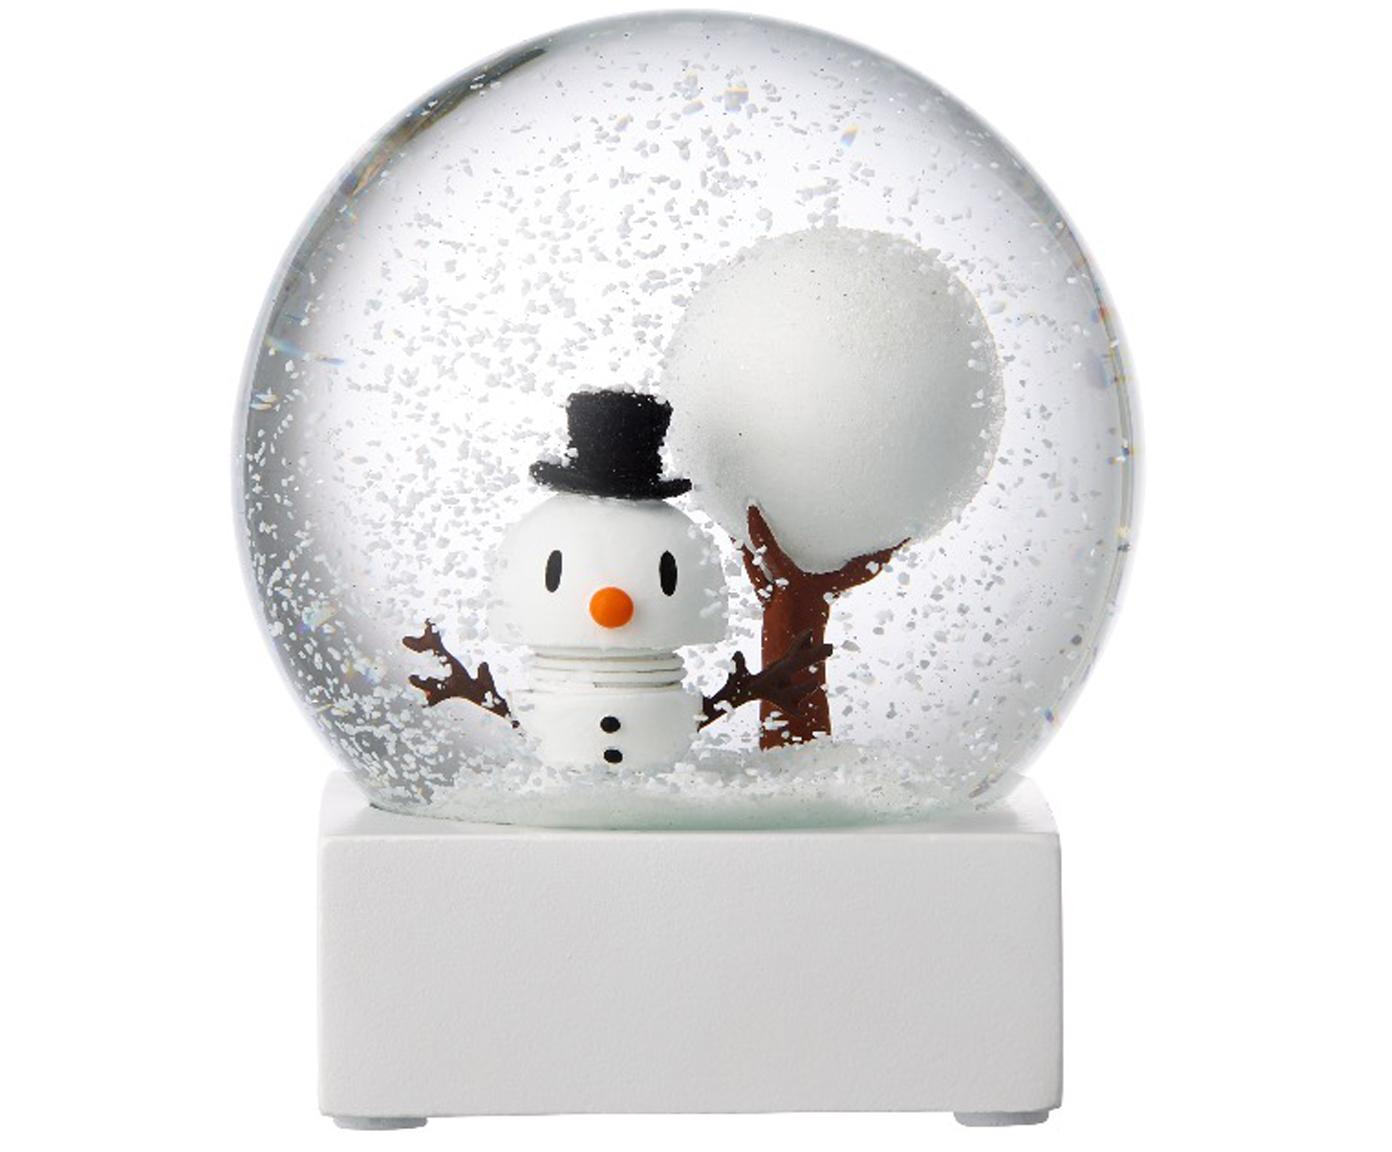 Sneeuwbol Snowman, Wit, transparant, Ø 10 x H 12 cm